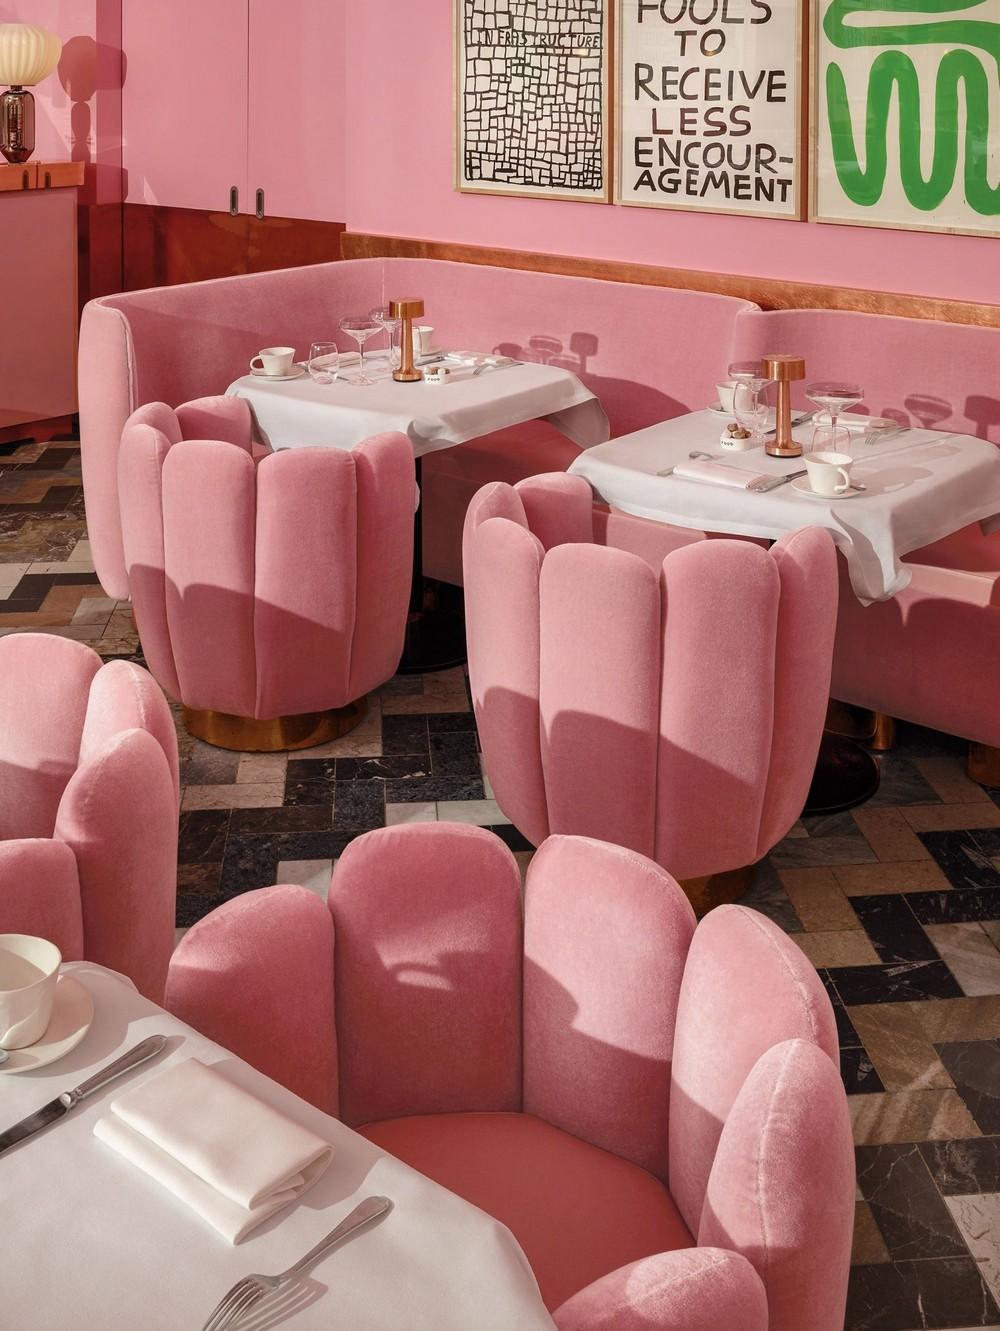 india mahdavi Dining Room Projects by India Mahdavi 5 The New Yorker